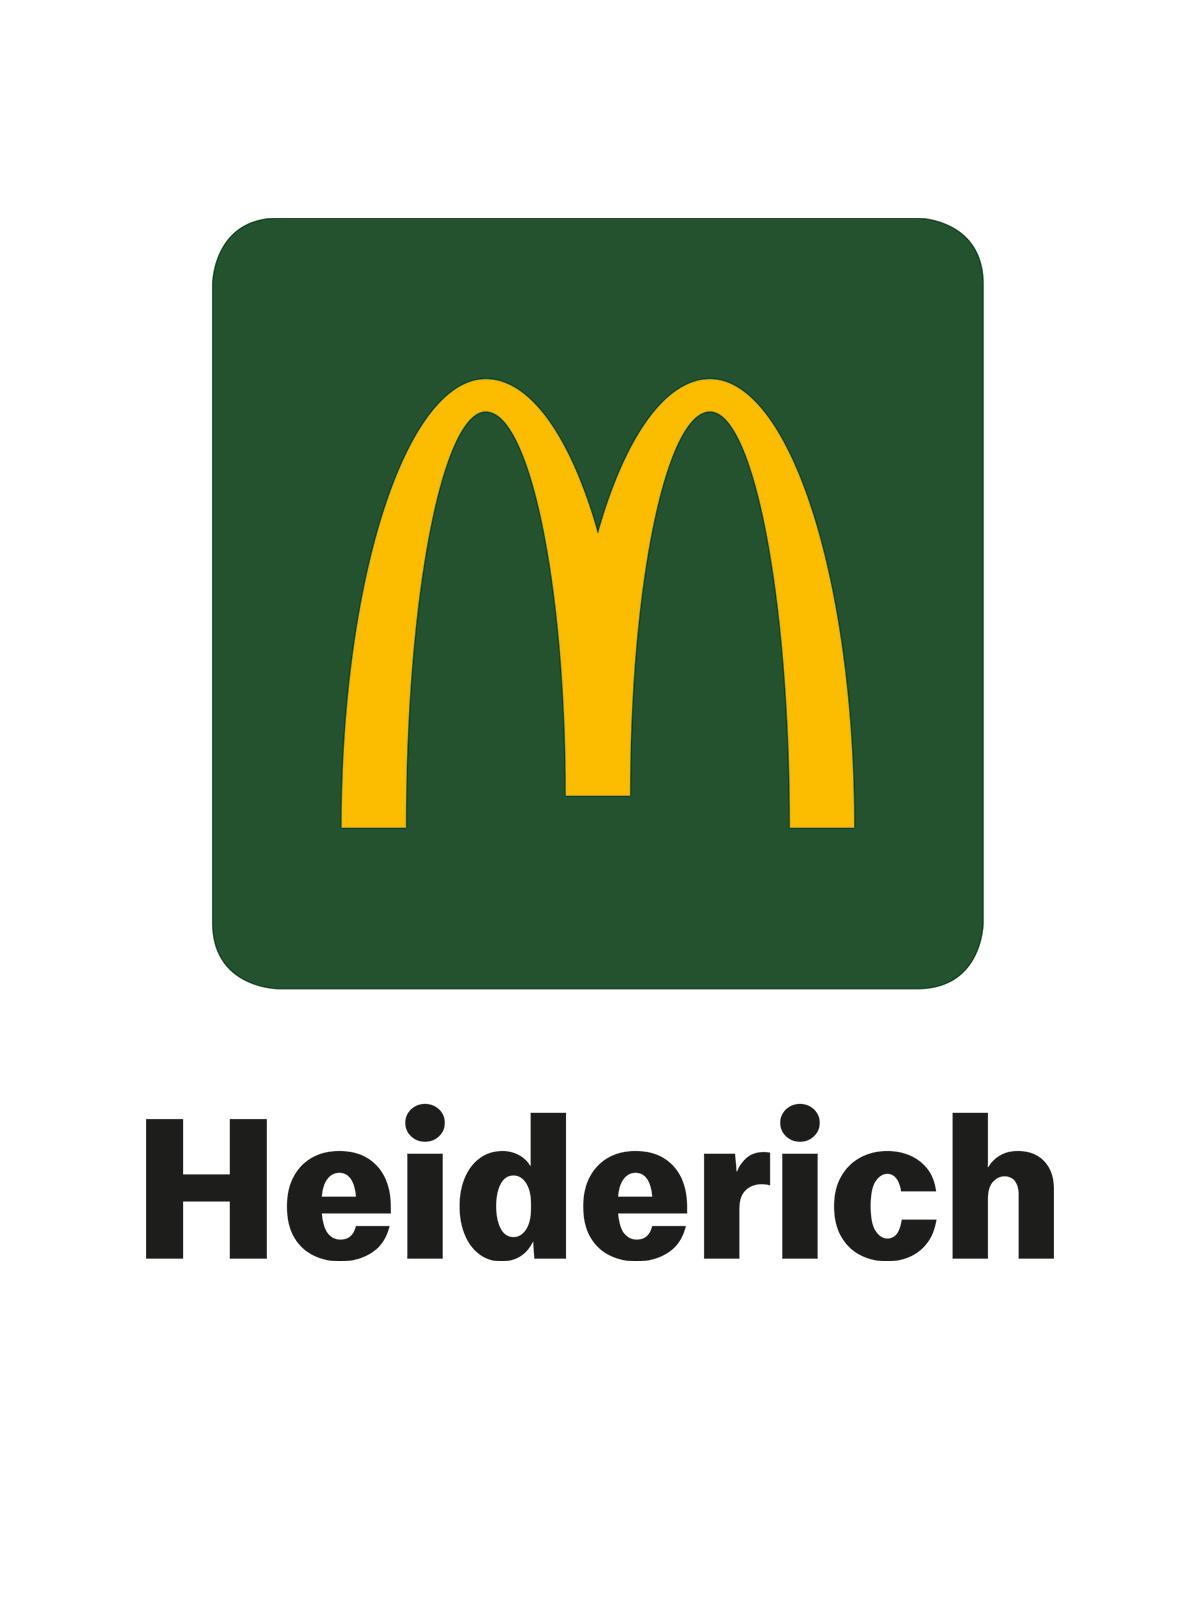 McDonald's Heiderich in Bielefeld und Paderborn